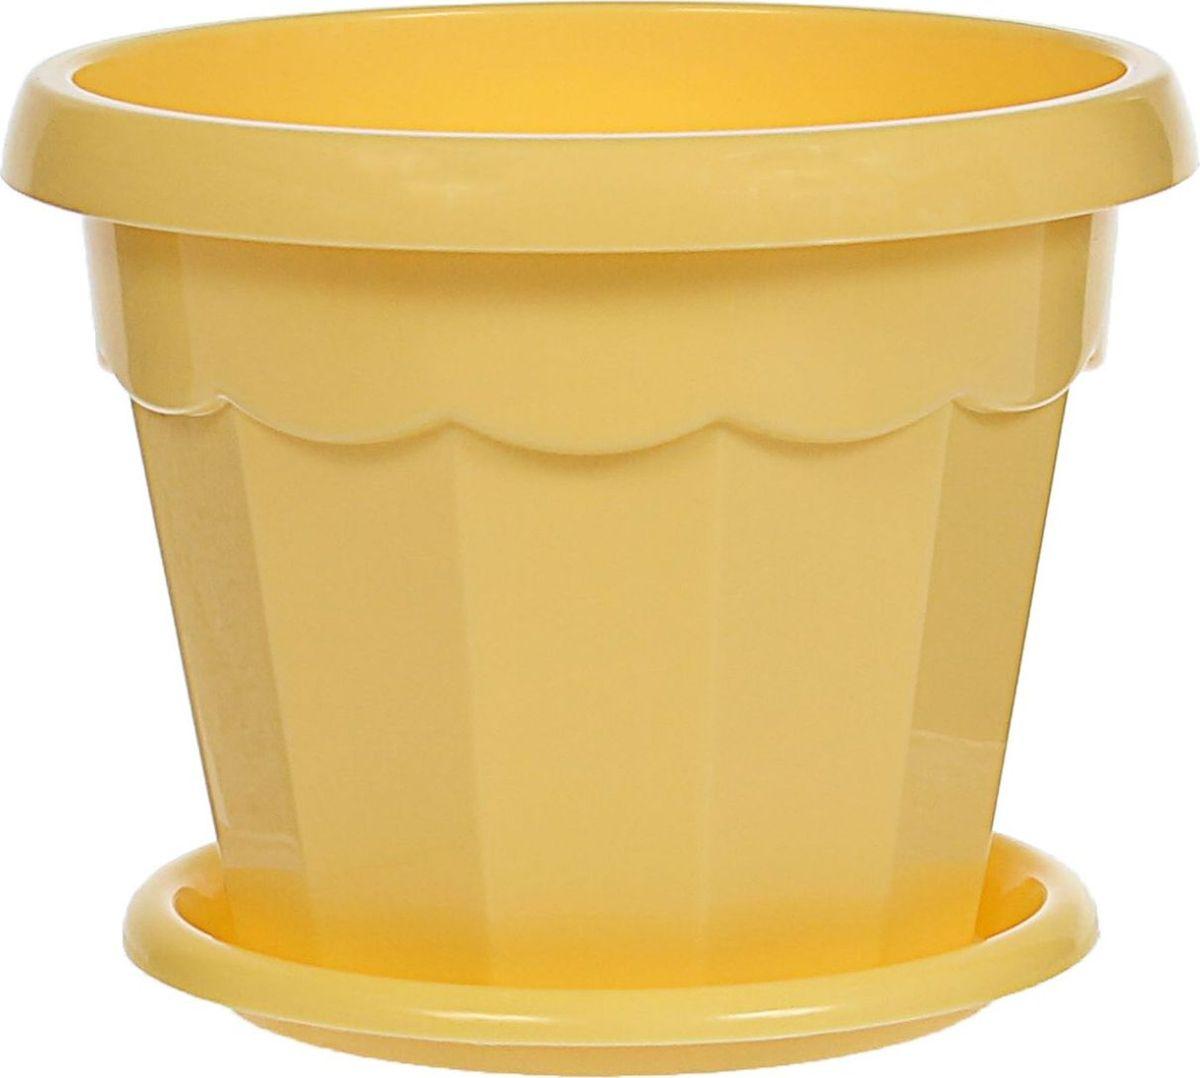 Горшок для цветов Доляна Эрика, с поддоном, цвет: желтый, 700 мл1345256Любой, даже самый современный и продуманный интерьер будет не завершенным без растений. Они не только очищают воздух и насыщают его кислородом, но и заметно украшают окружающее пространство. Такому полезному члену семьи просто необходимо красивое и функциональное кашпо, оригинальный горшок или необычная ваза! Мы предлагаем - Горшок для цветов 0,7 л с поддоном Эрика, цвет желтый! Оптимальный выбор материала - это пластмасса! Почему мы так считаем? Малый вес. С легкостью переносите горшки и кашпо с места на место, ставьте их на столики или полки, подвешивайте под потолок, не беспокоясь о нагрузке. Простота ухода. Пластиковые изделия не нуждаются в специальных условиях хранения. Их легко чистить достаточно просто сполоснуть теплой водой. Никаких царапин. Пластиковые кашпо не царапают и не загрязняют поверхности, на которых стоят. Пластик дольше хранит влагу, а значит растение реже нуждается в поливе. Пластмасса не пропускает воздух корневой системе растения не грозят резкие перепады температур. Огромный выбор форм, декора и расцветок вы без труда подберете что-то, что идеально впишется в уже существующий интерьер. Соблюдая нехитрые правила ухода, вы можете заметно продлить срок службы горшков, вазонов и кашпо из пластика: всегда учитывайте размер кроны и корневой системы растения (при разрастании большое растение способно повредить маленький горшок) берегите изделие от воздействия прямых солнечных лучей, чтобы кашпо и горшки не выцветали держите кашпо и горшки из пластика подальше от нагревающихся поверхностей. Создавайте прекрасные цветочные композиции, выращивайте рассаду или необычные растения, а низкие цены позволят вам не ограничивать себя в выборе.